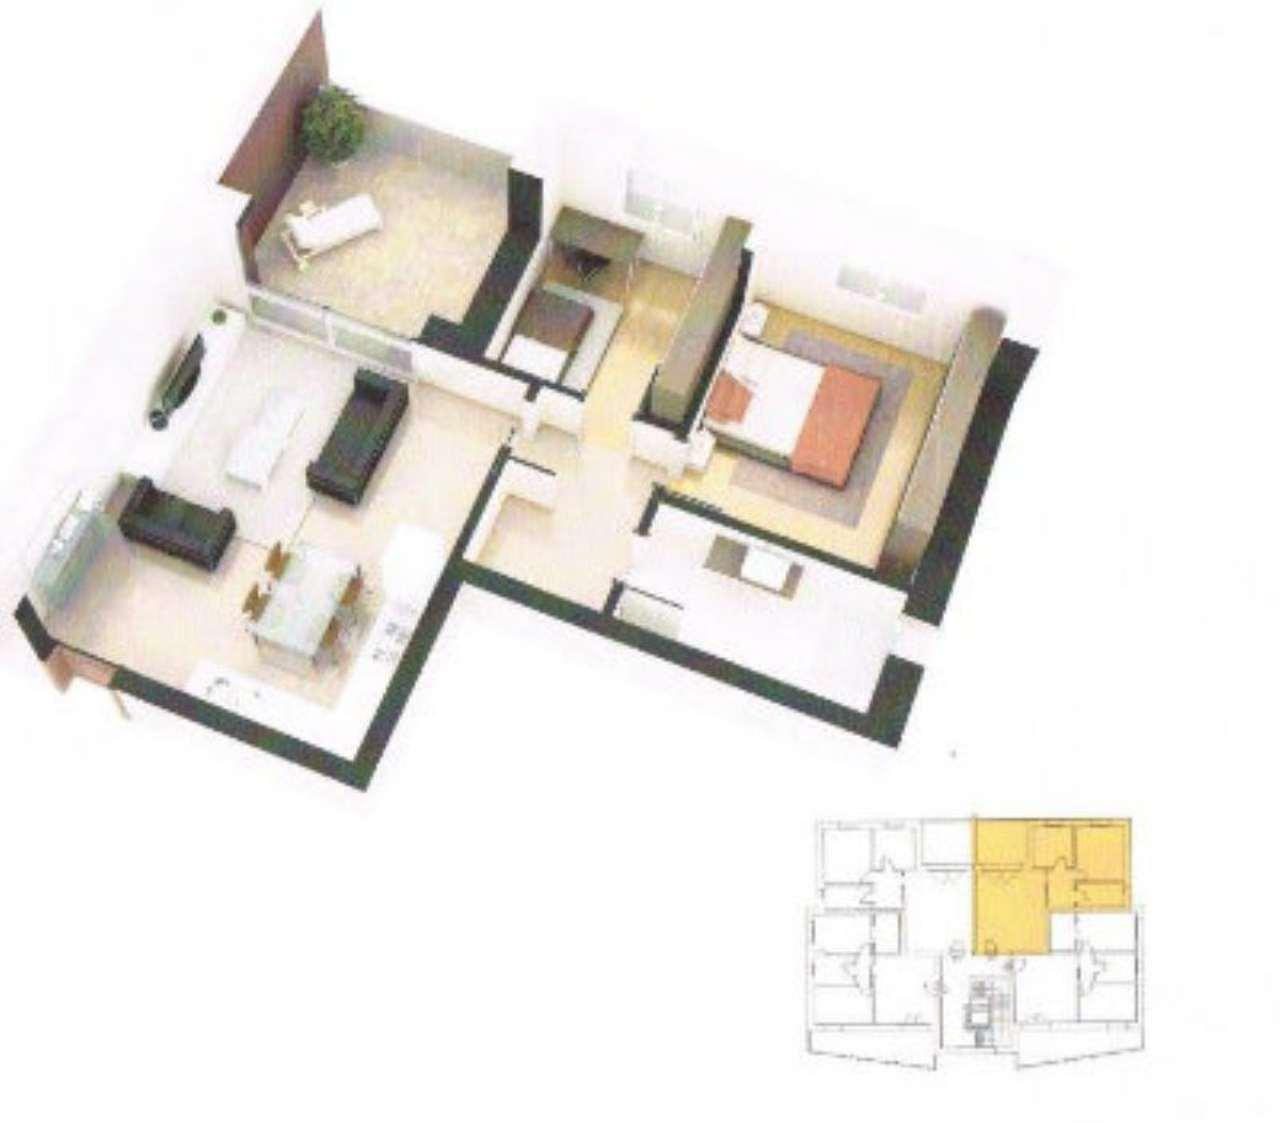 Appartamento in vendita a Sant'Agata Bolognese, 3 locali, prezzo € 198.000 | Cambio Casa.it